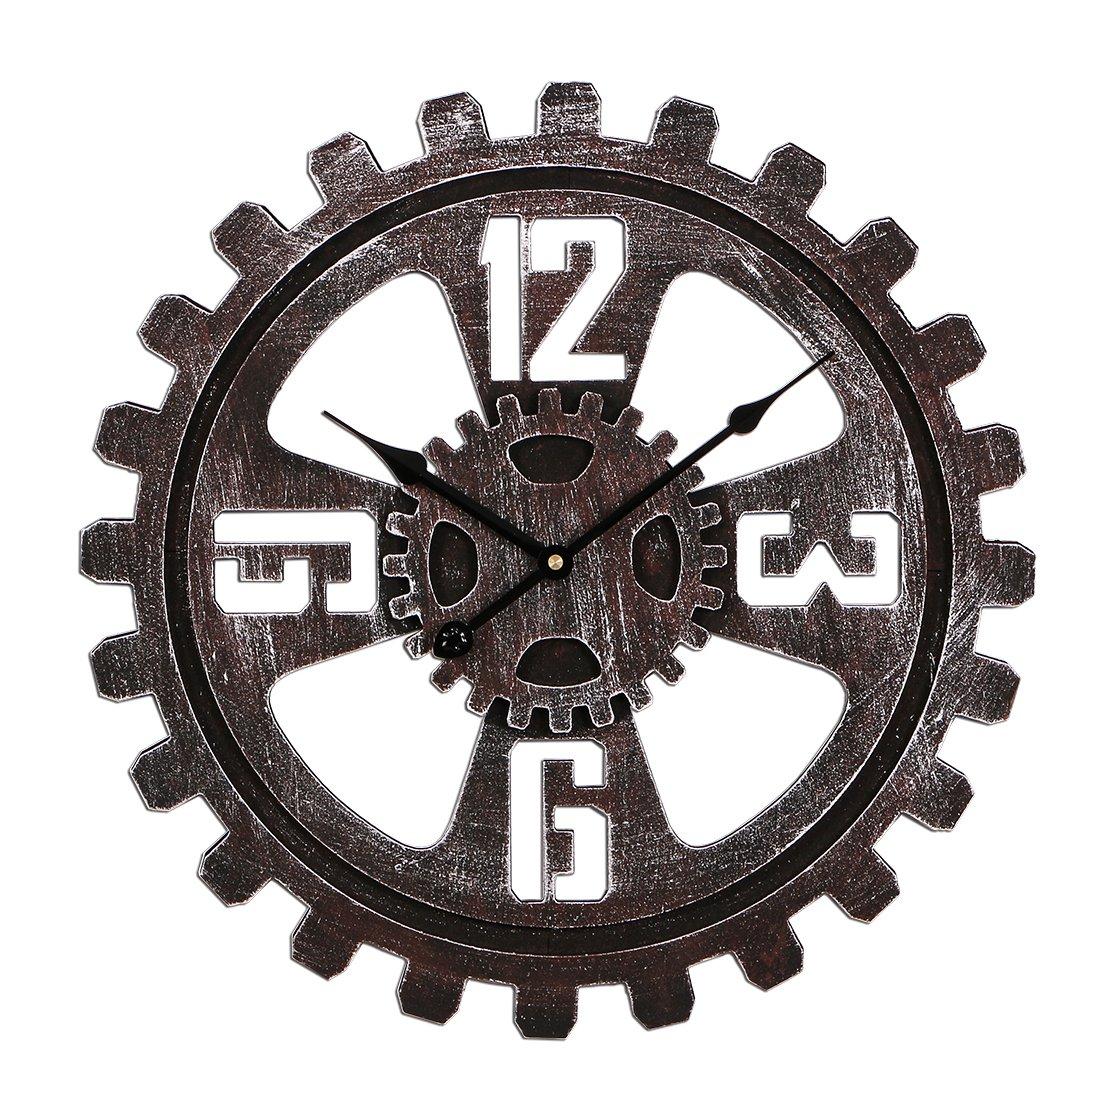 CT-Tribe 23Zoll (58cm) Groß Vintage Lautlos Zahnrad Wanduhr Uhr Wall Clock ohne Tickgeräusche Mit arabische Ziffern